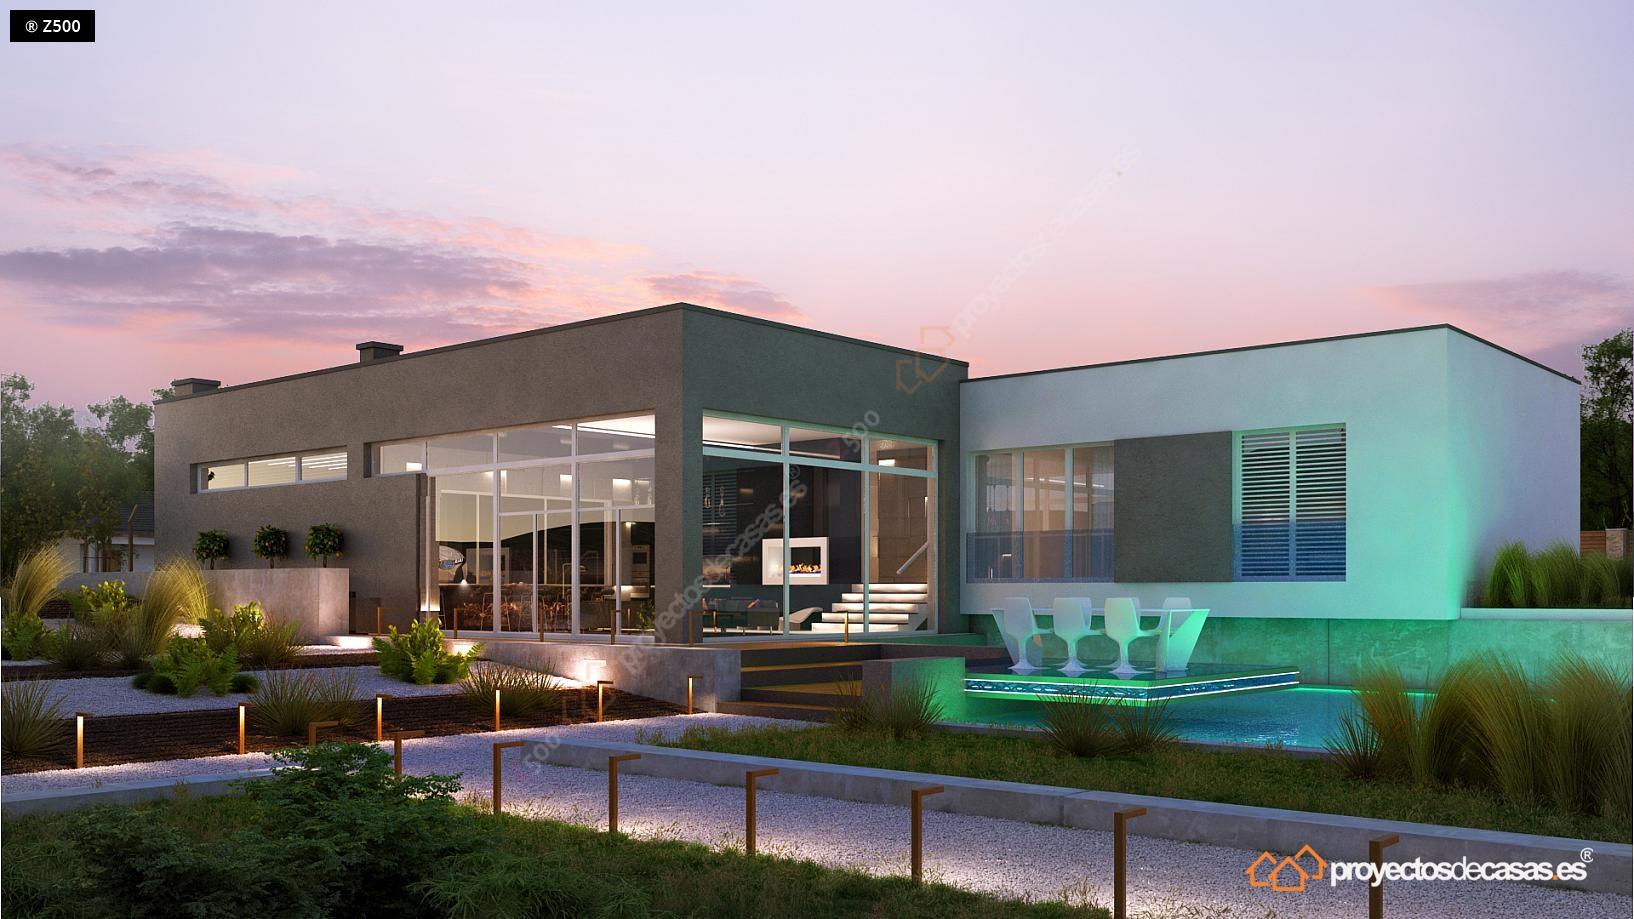 Proyectos de casas casa de lujo con piscina y garaje a for Casas modernas granada